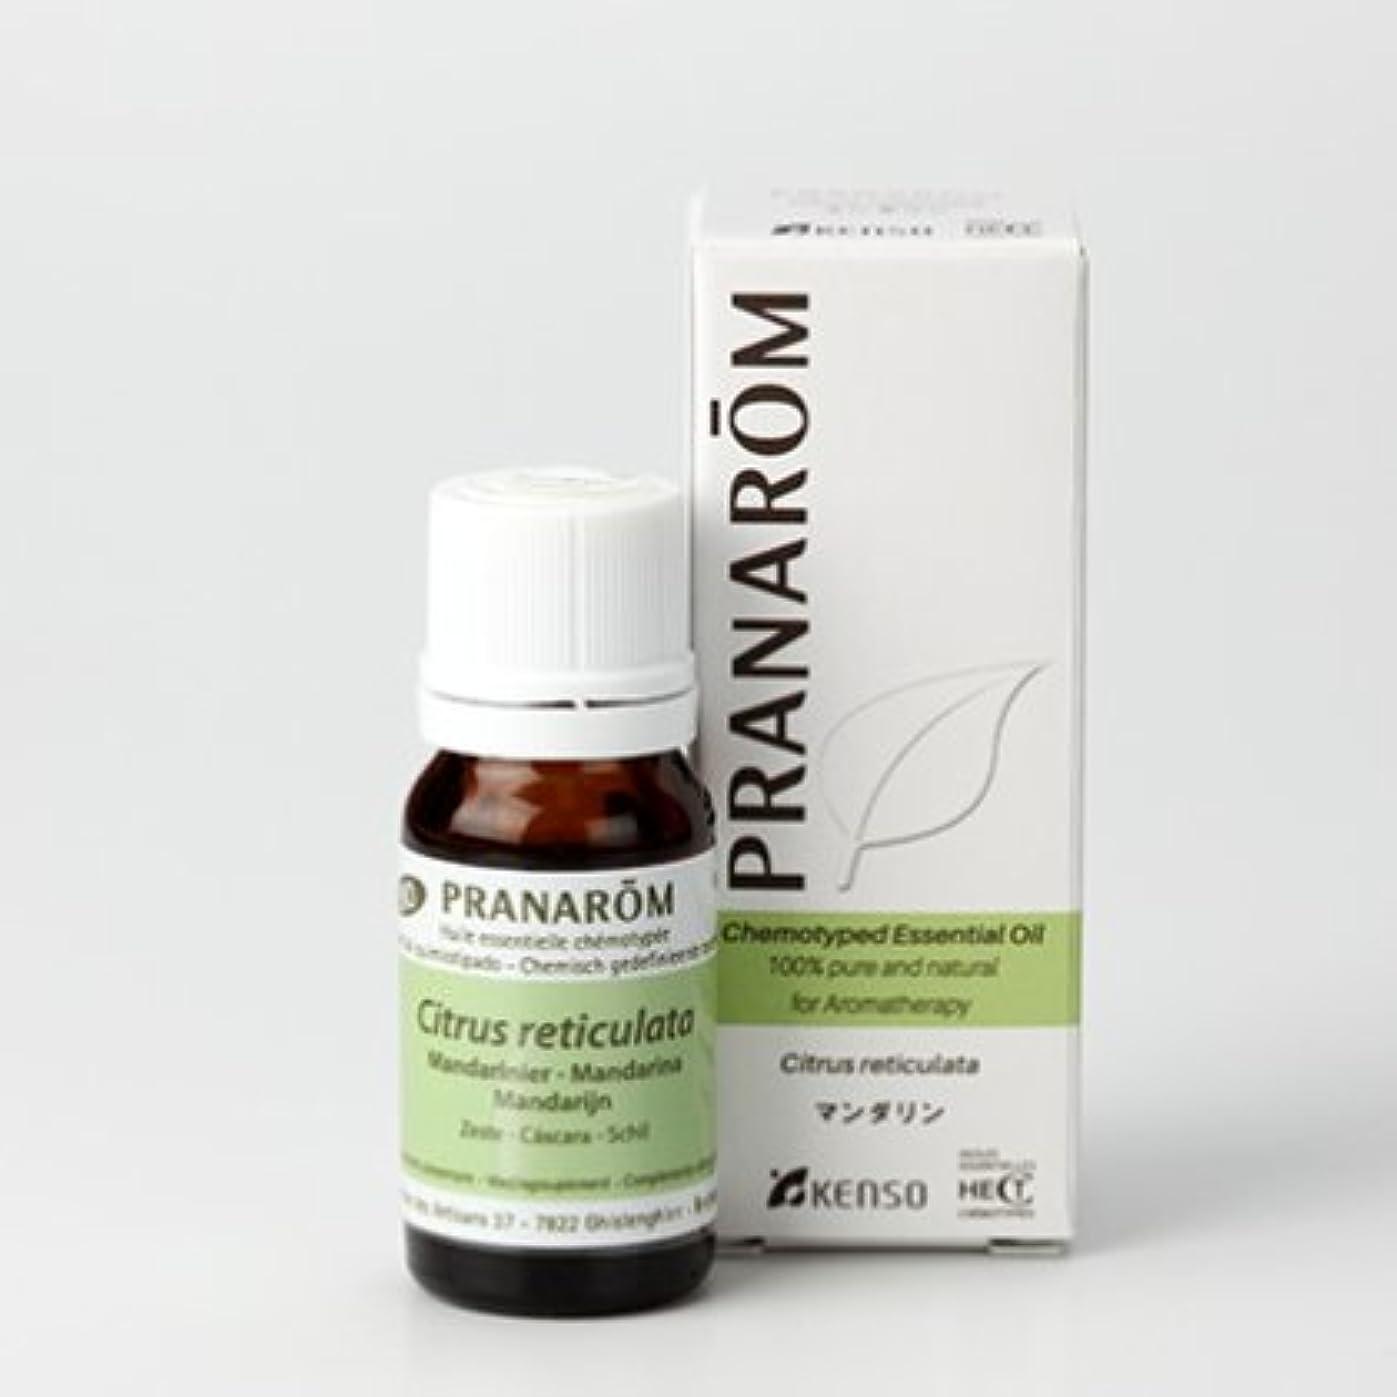 かすれた硬化する輪郭マンダリン 10ml プラナロム社エッセンシャルオイル(精油) 柑橘系トップノート